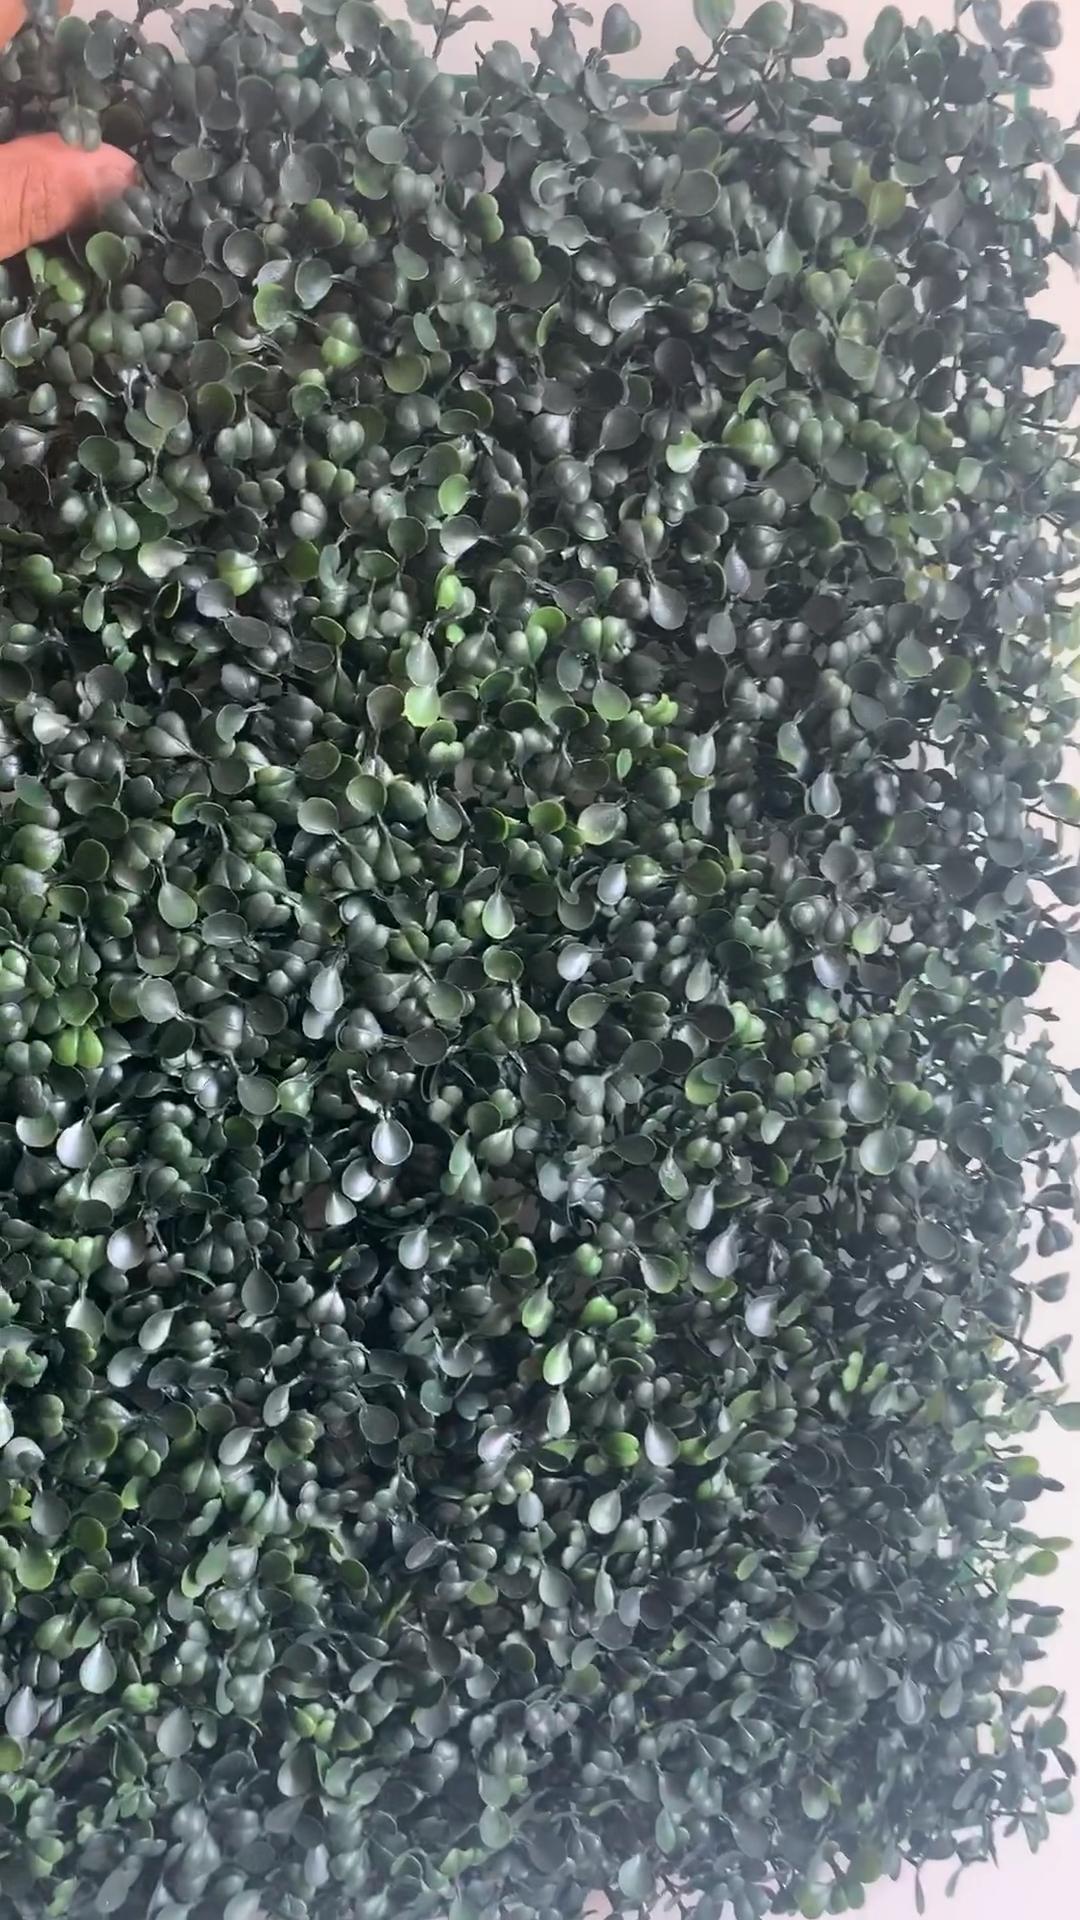 Cây Xanh Nhựa Chống Tia UV 50*50Cm Tấm Hàng Rào Gỗ Hoàng Dương Mat Hàng Rào Nhân Tạo Để Trang Trí Sân Vườn